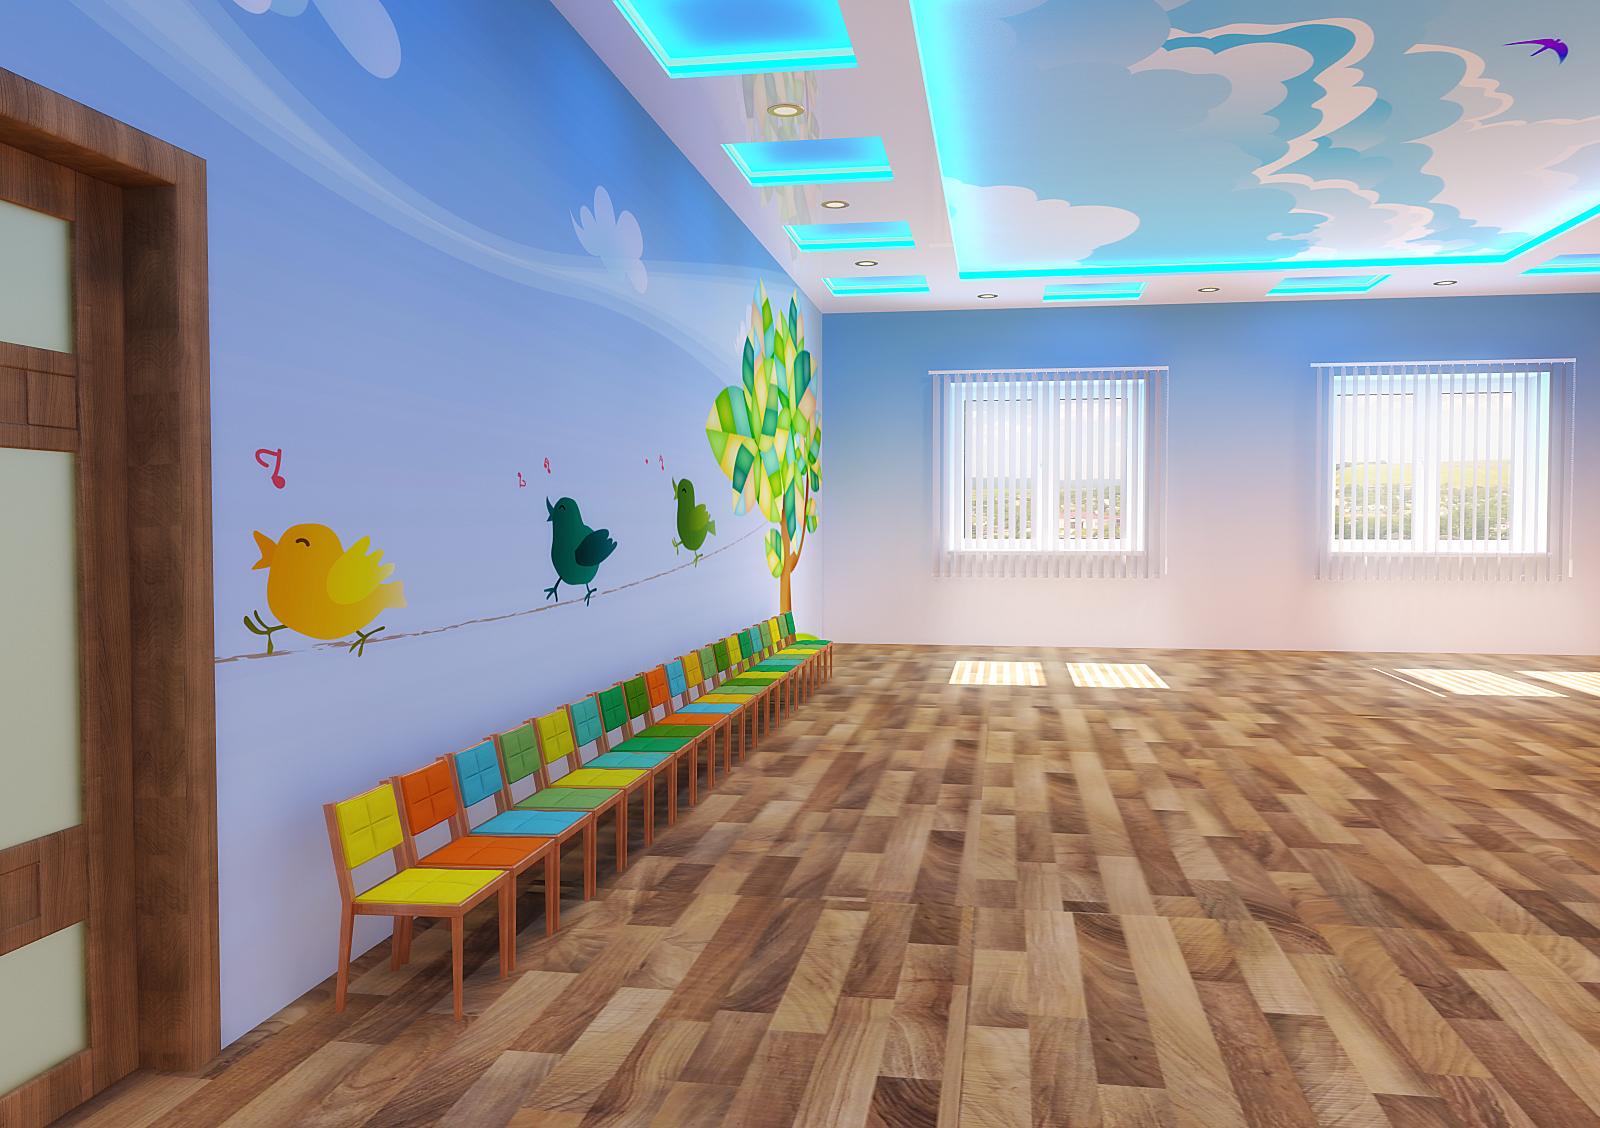 Музыкальный зал дизайн в детском саду дизайн